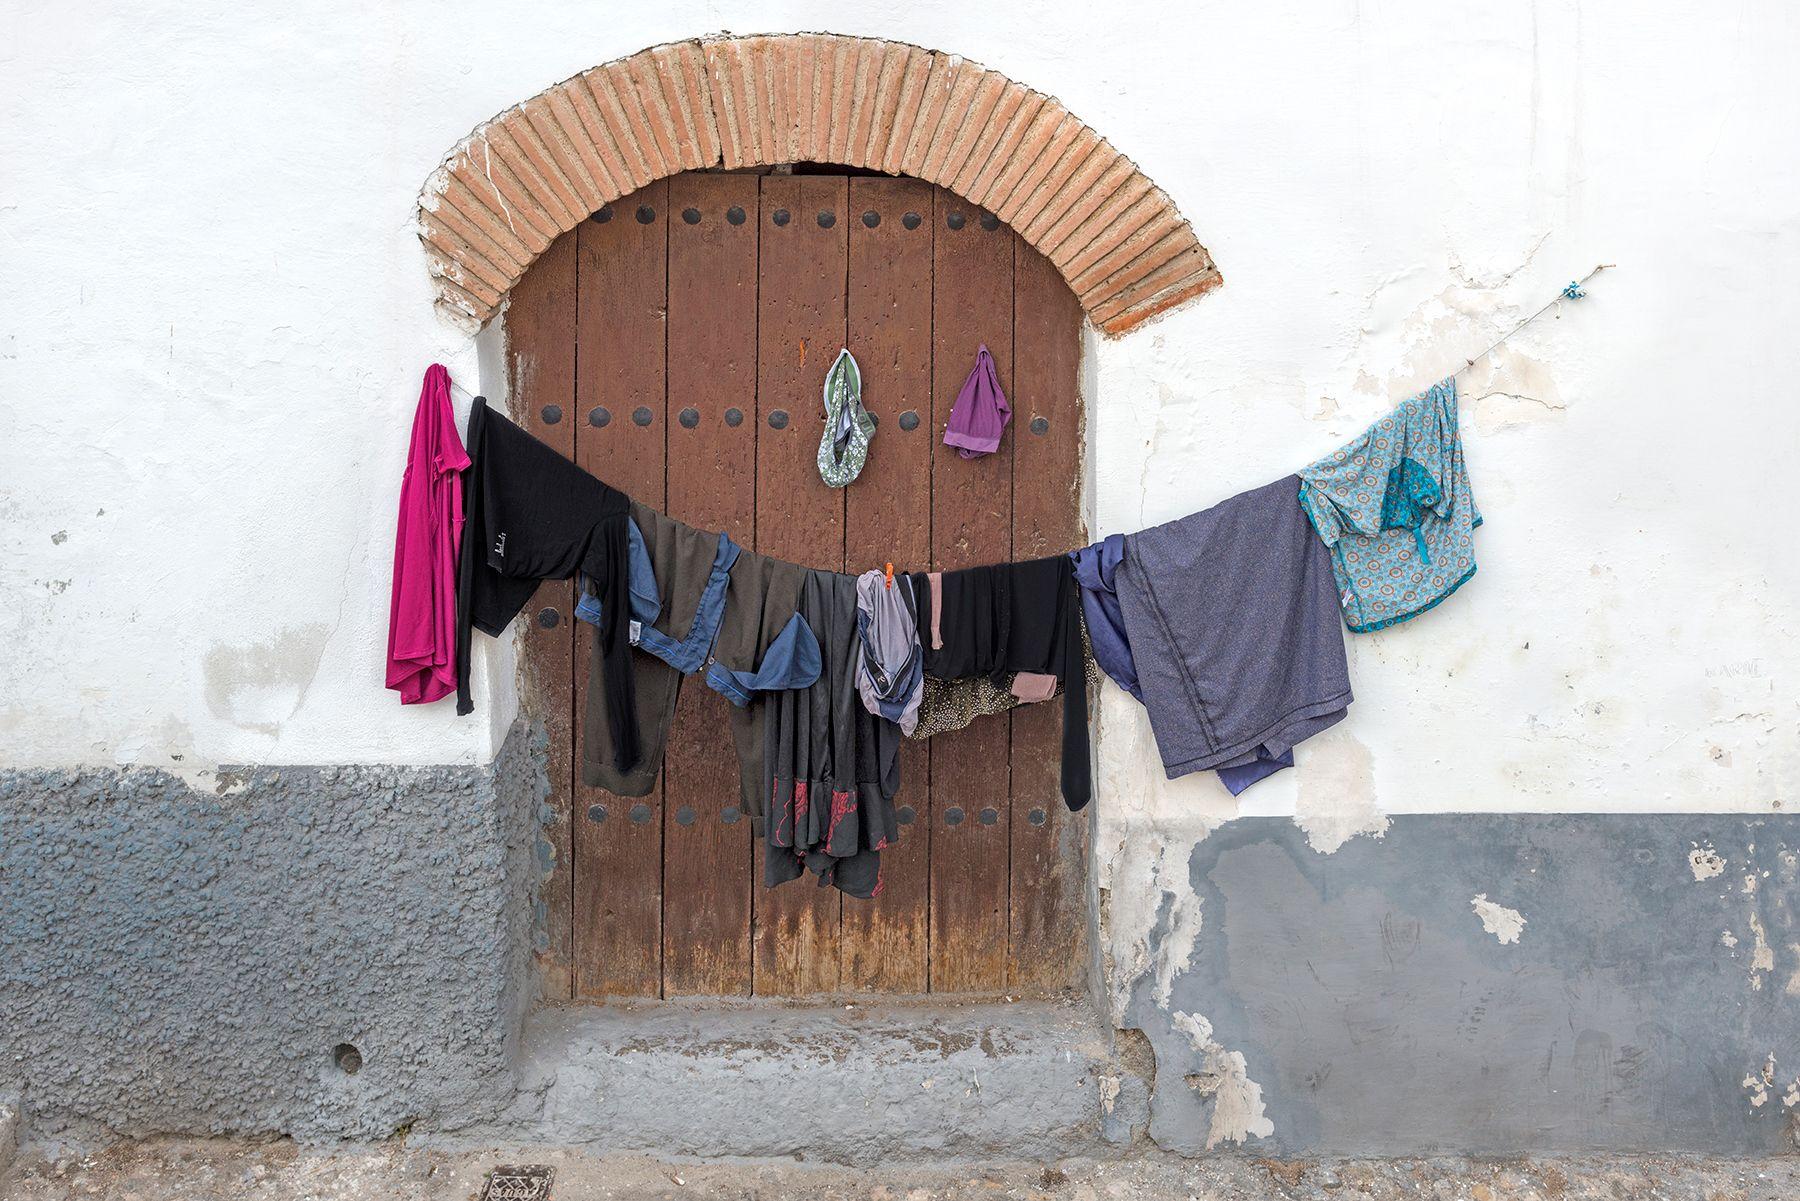 Puerta con arco de ladrillo